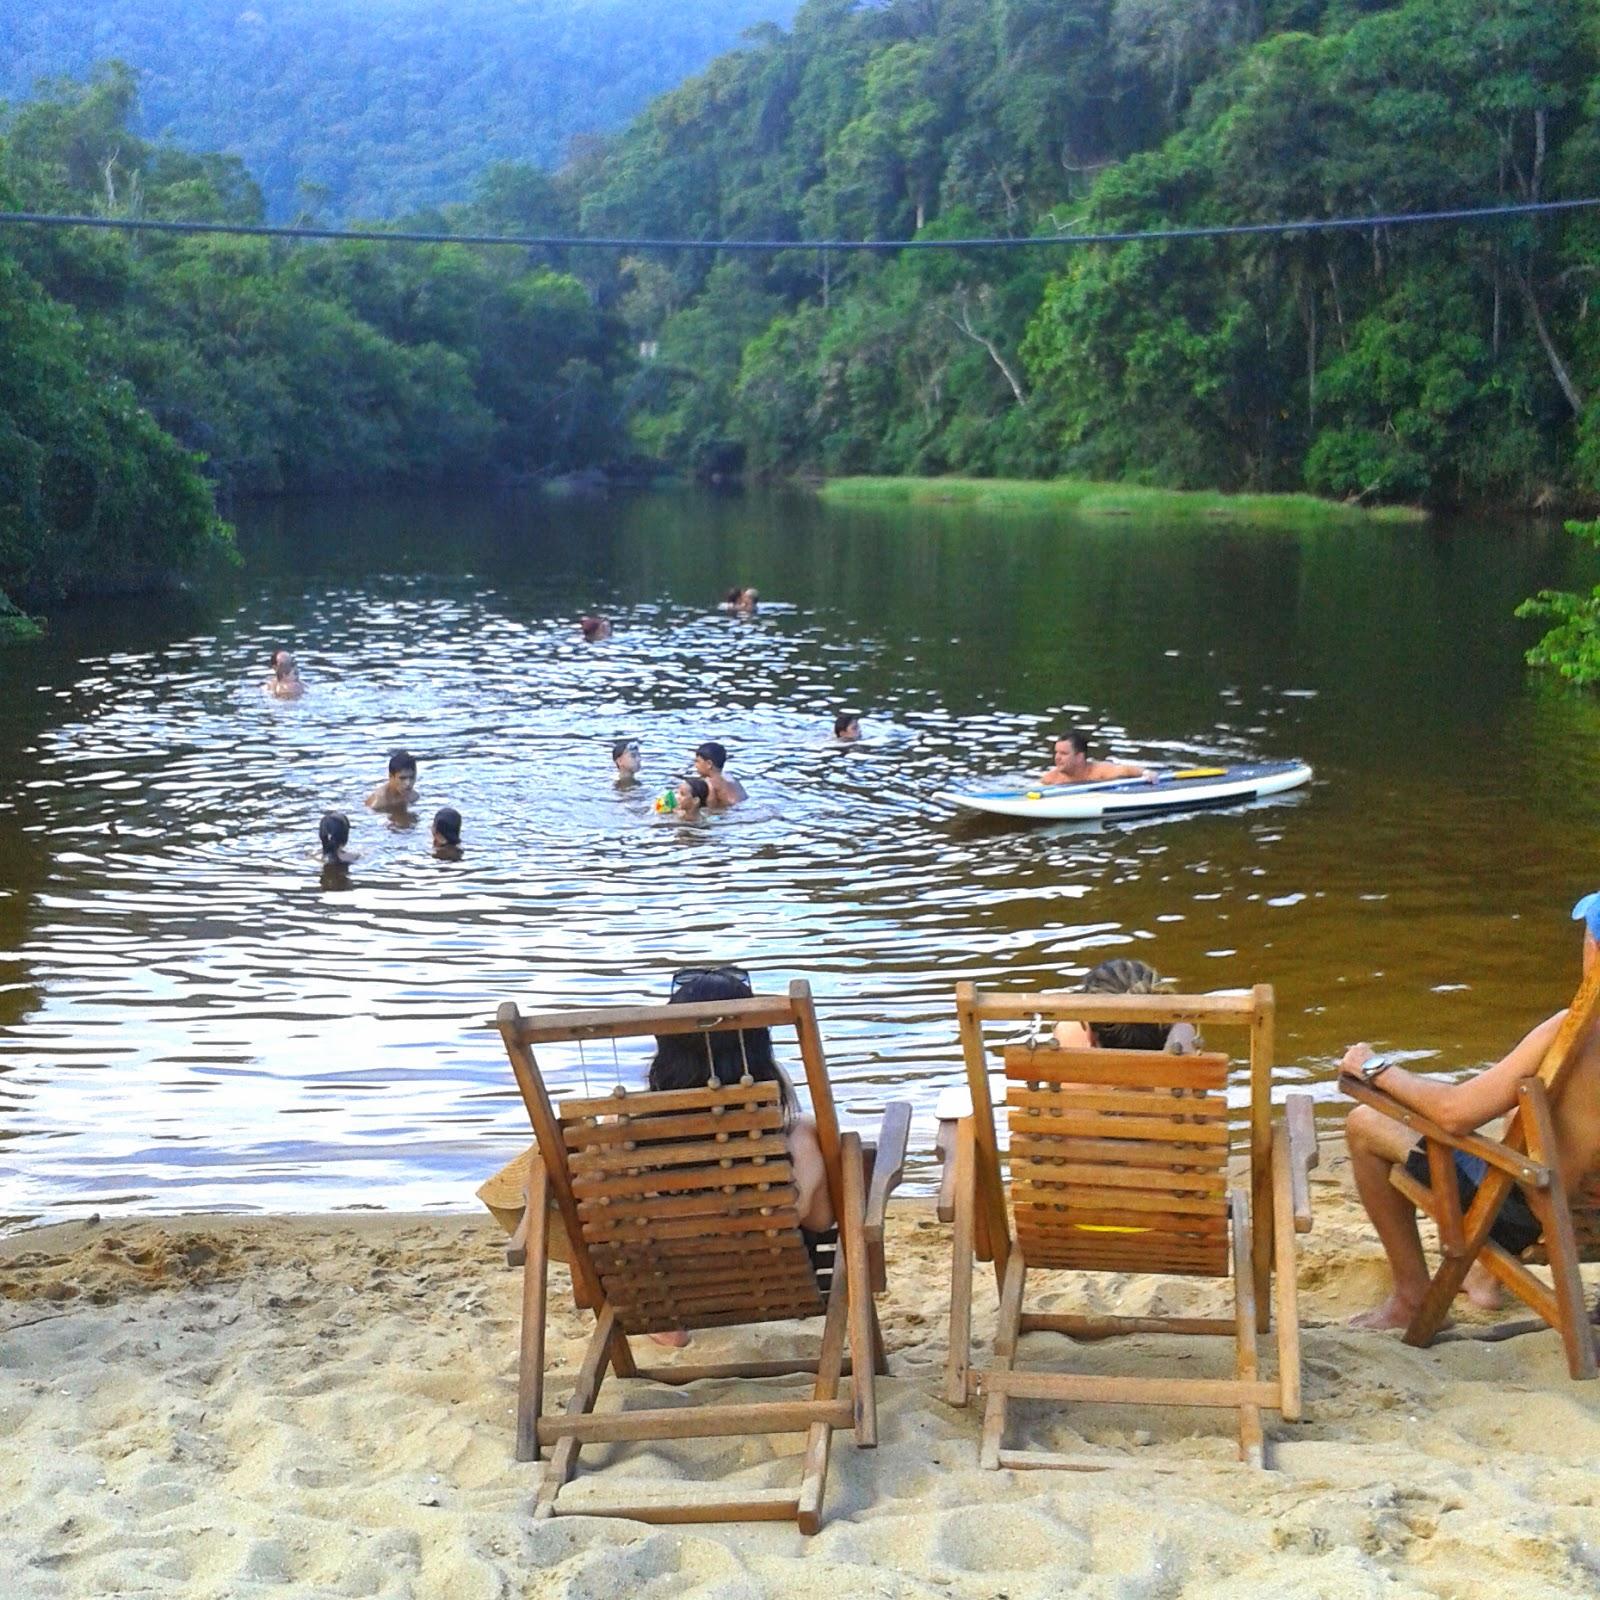 Rio Prumirim